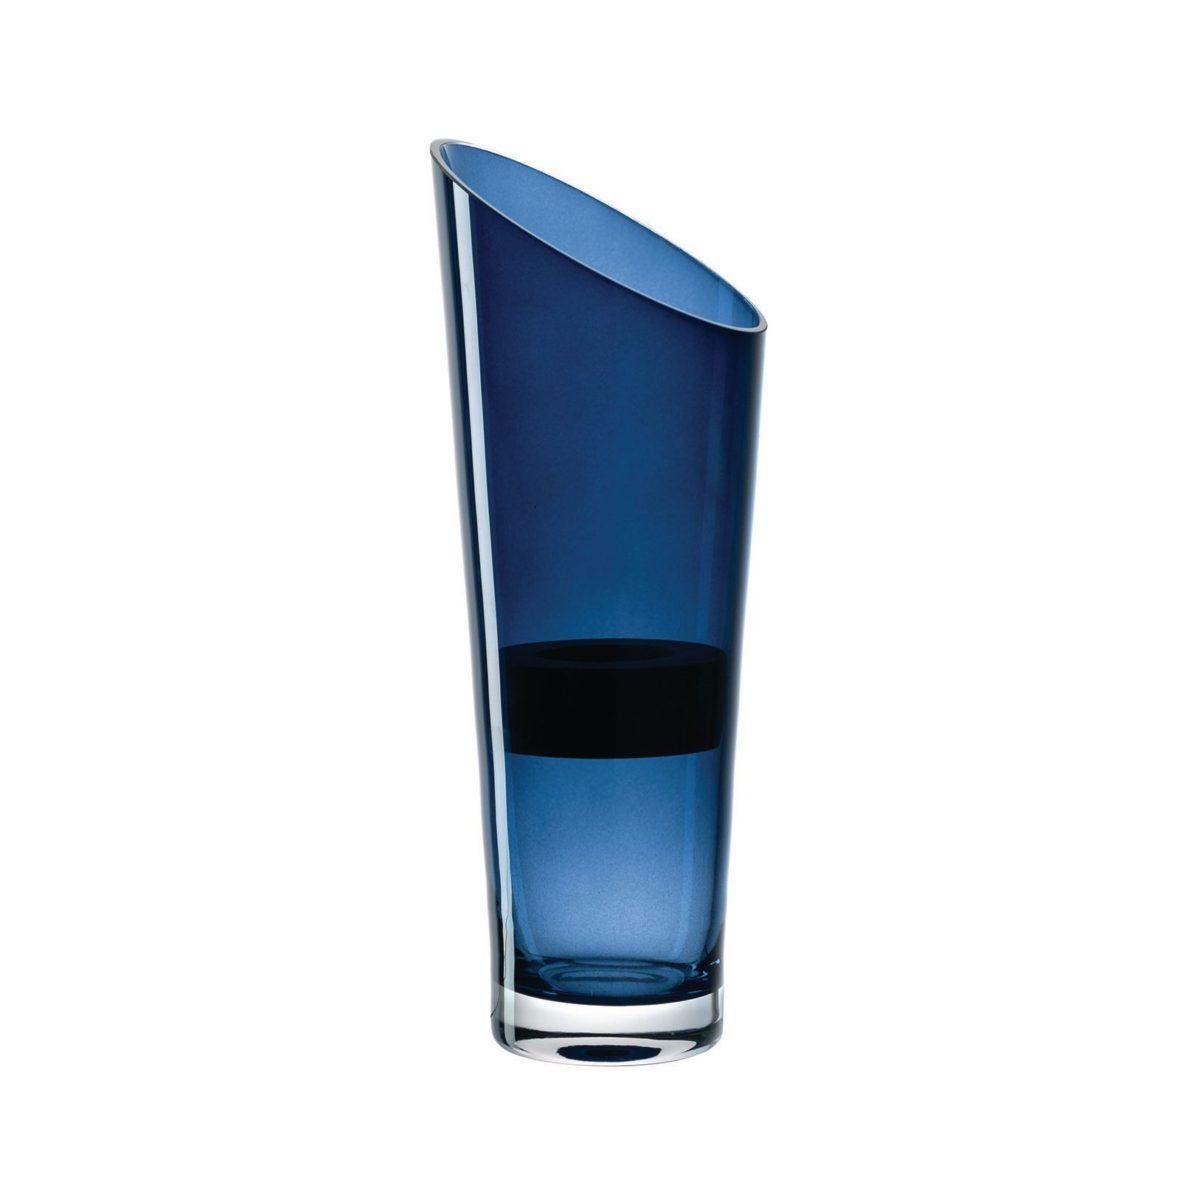 Leonardo Vase 30 blau mit Holzeinsatz H 002.xxl3  1200x1187 - Vaza cu suport din lemn pentru lumânare 30 cm (L057746)